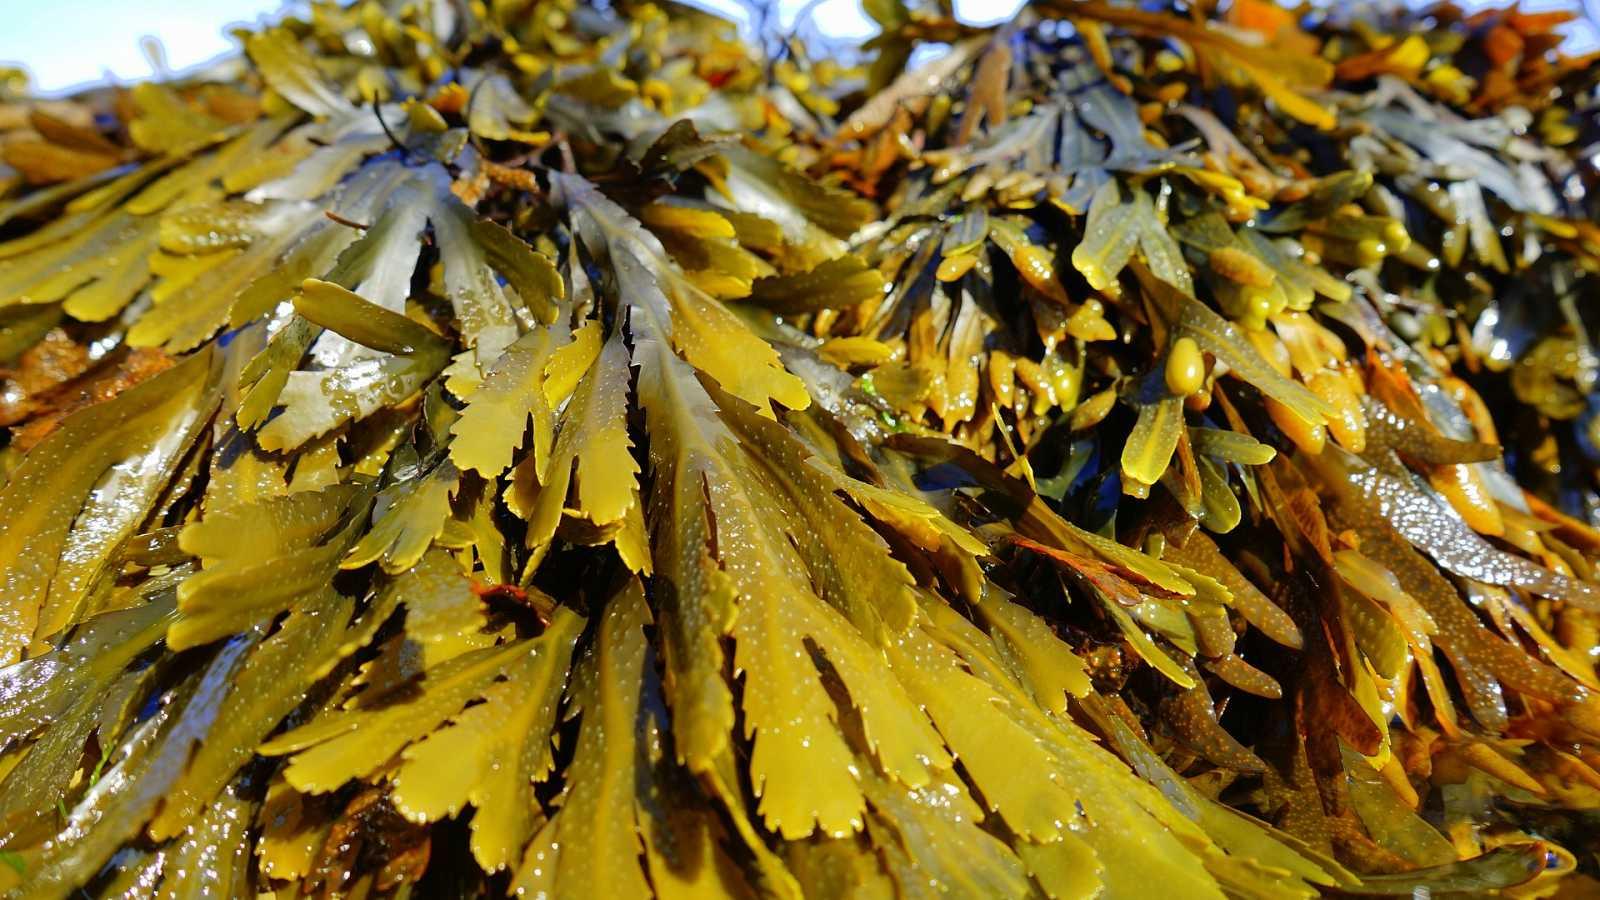 España Directo - Las algas invasoras de Cádiz: al mal tiempo, buenas soluciones